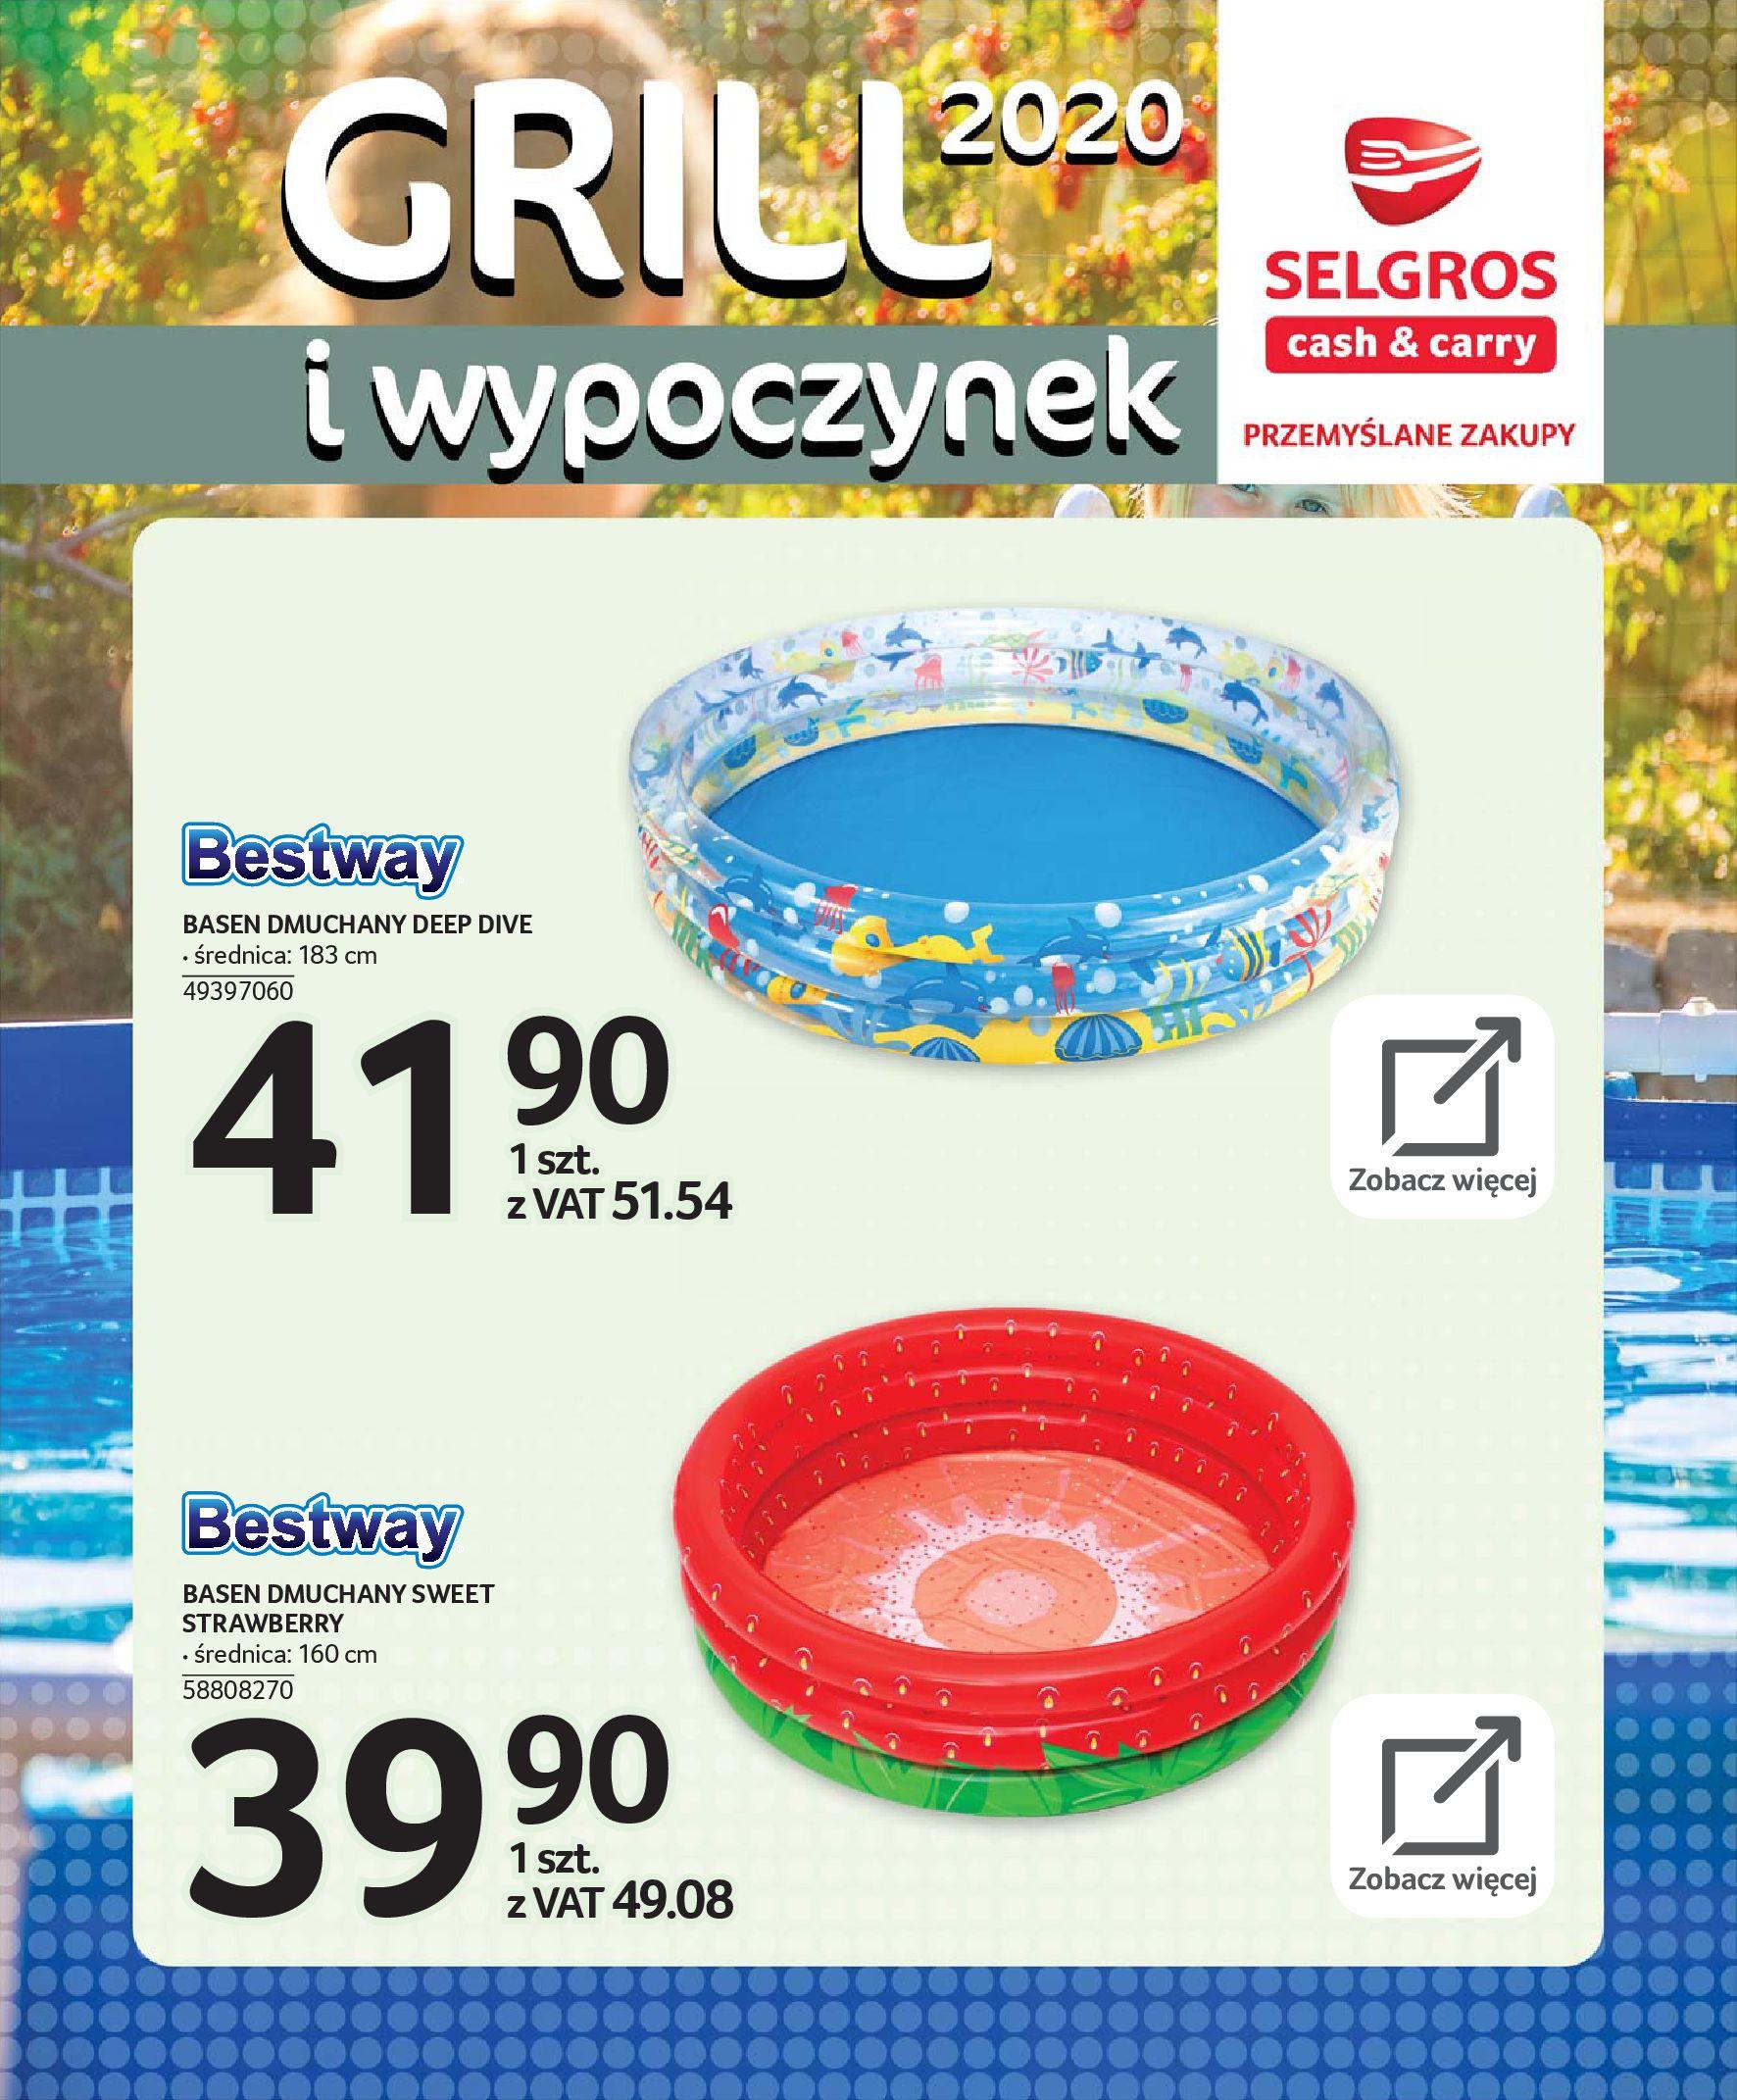 Gazetka Selgros - Katalog - Grill i wypoczynek-31.03.2020-31.08.2020-page-109